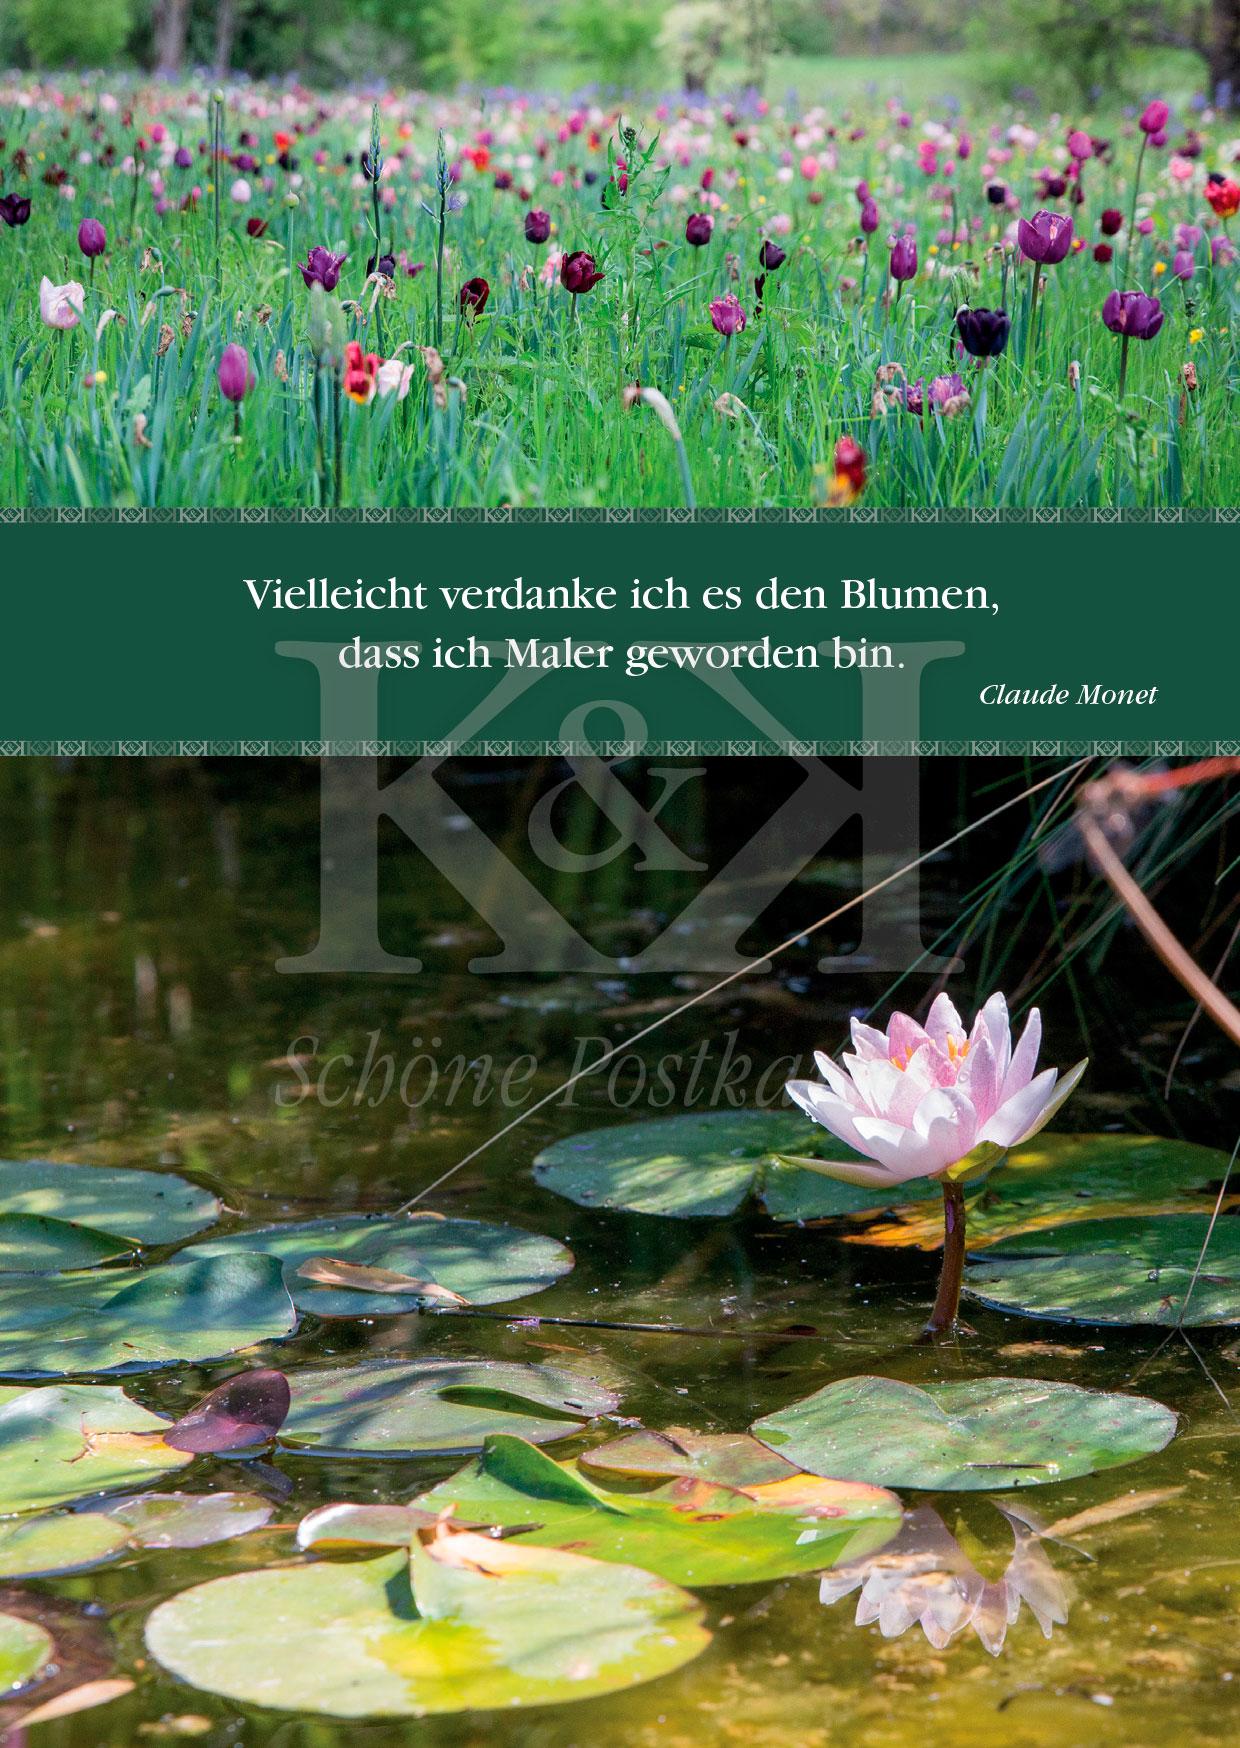 >>> NEU: Schöne Postkarte Nr. 119 · Licht und Farben